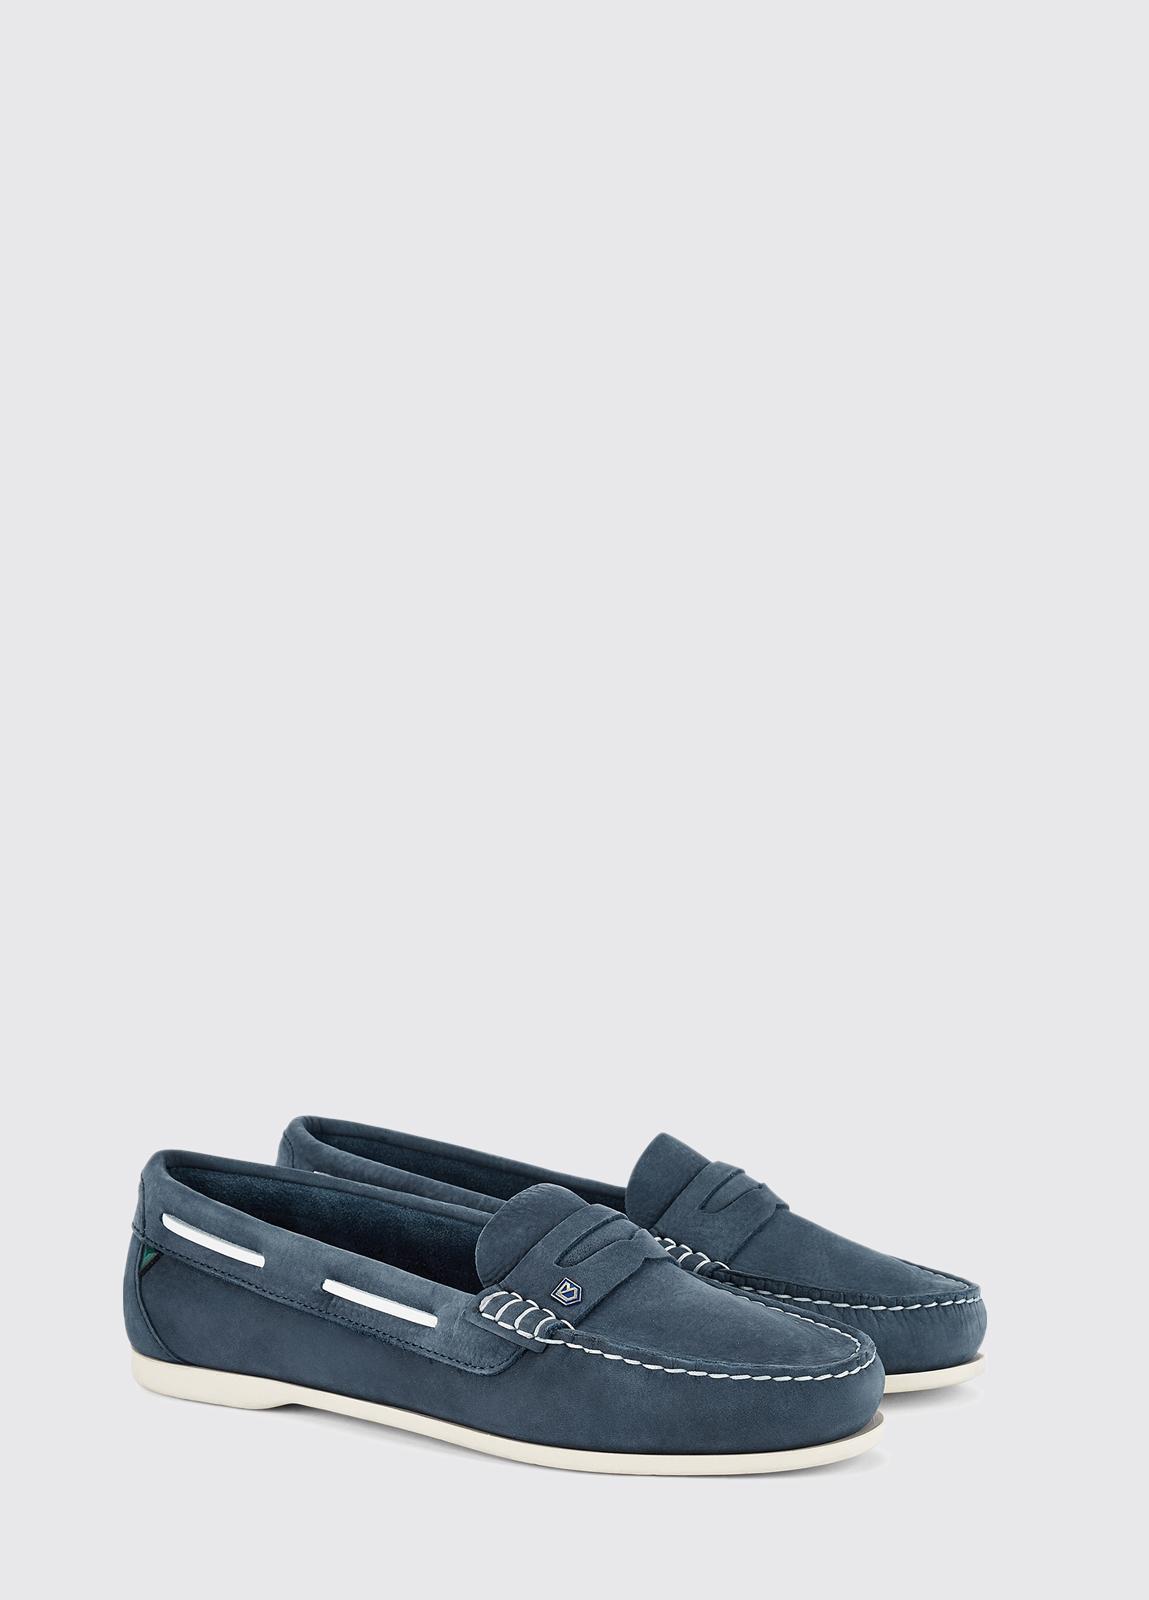 Belize Deck Shoe - Teal